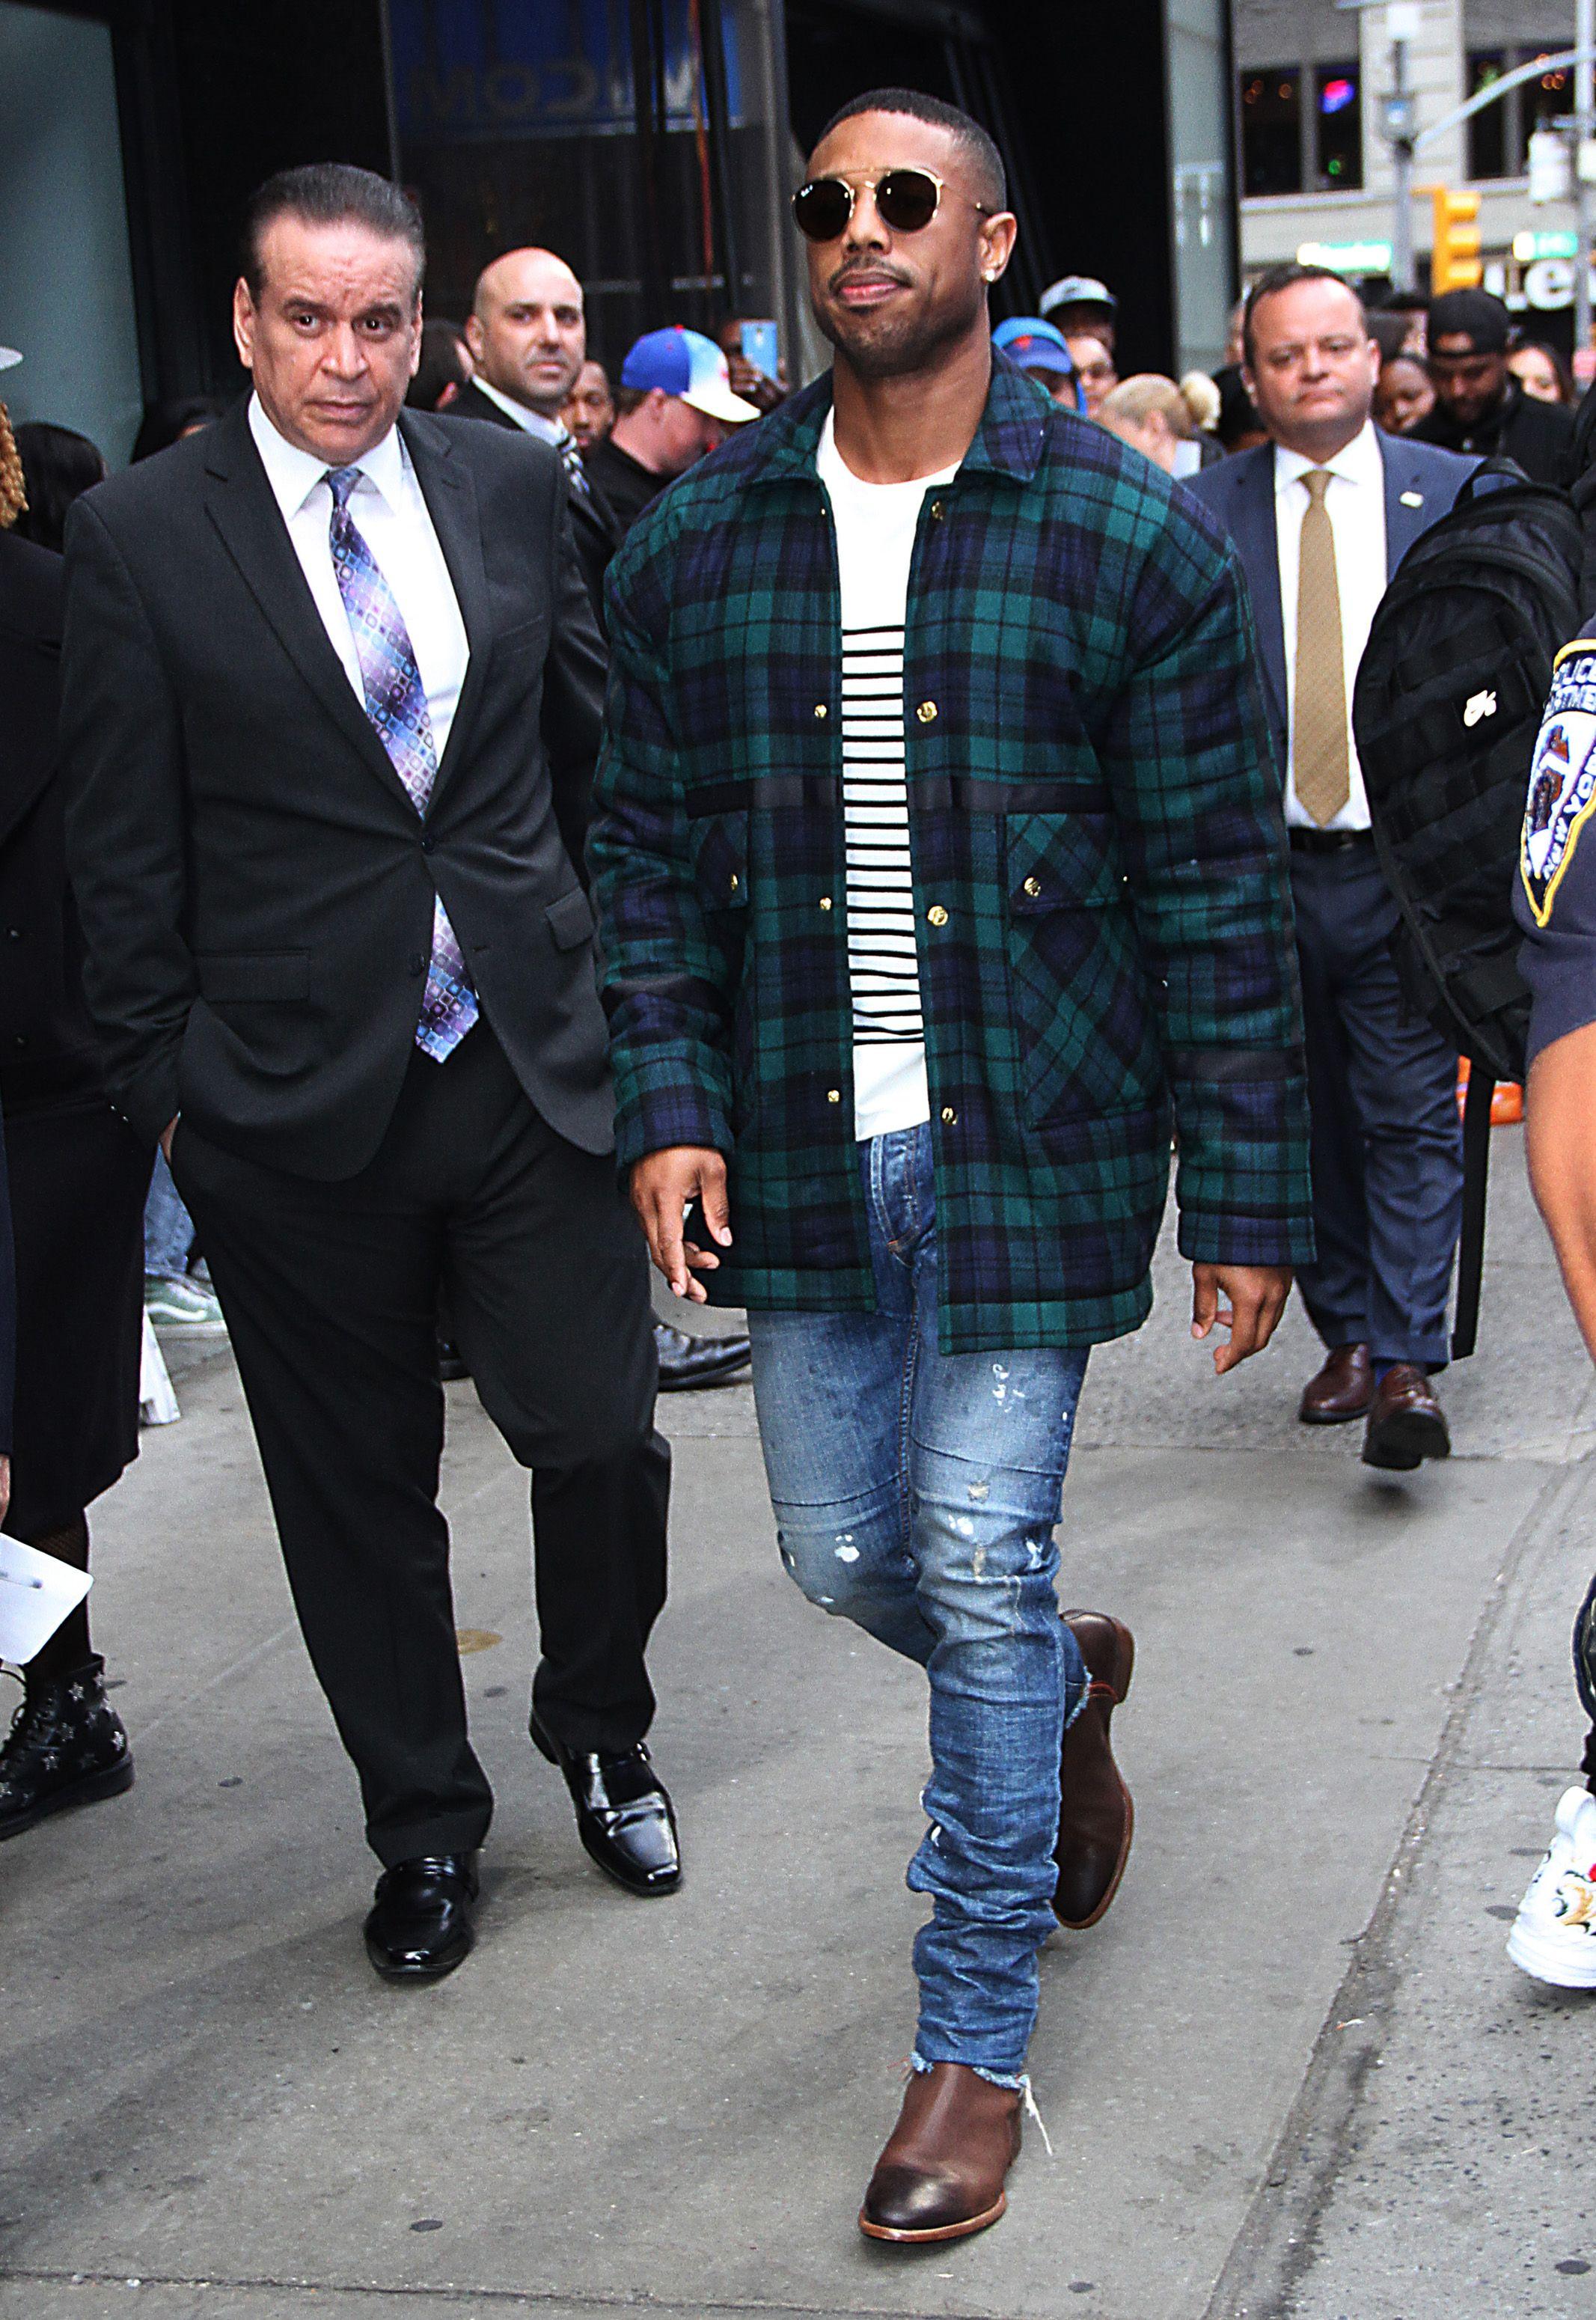 cb26251de53 We Should All Rock Standout Knitwear Like Michael B. Jordan